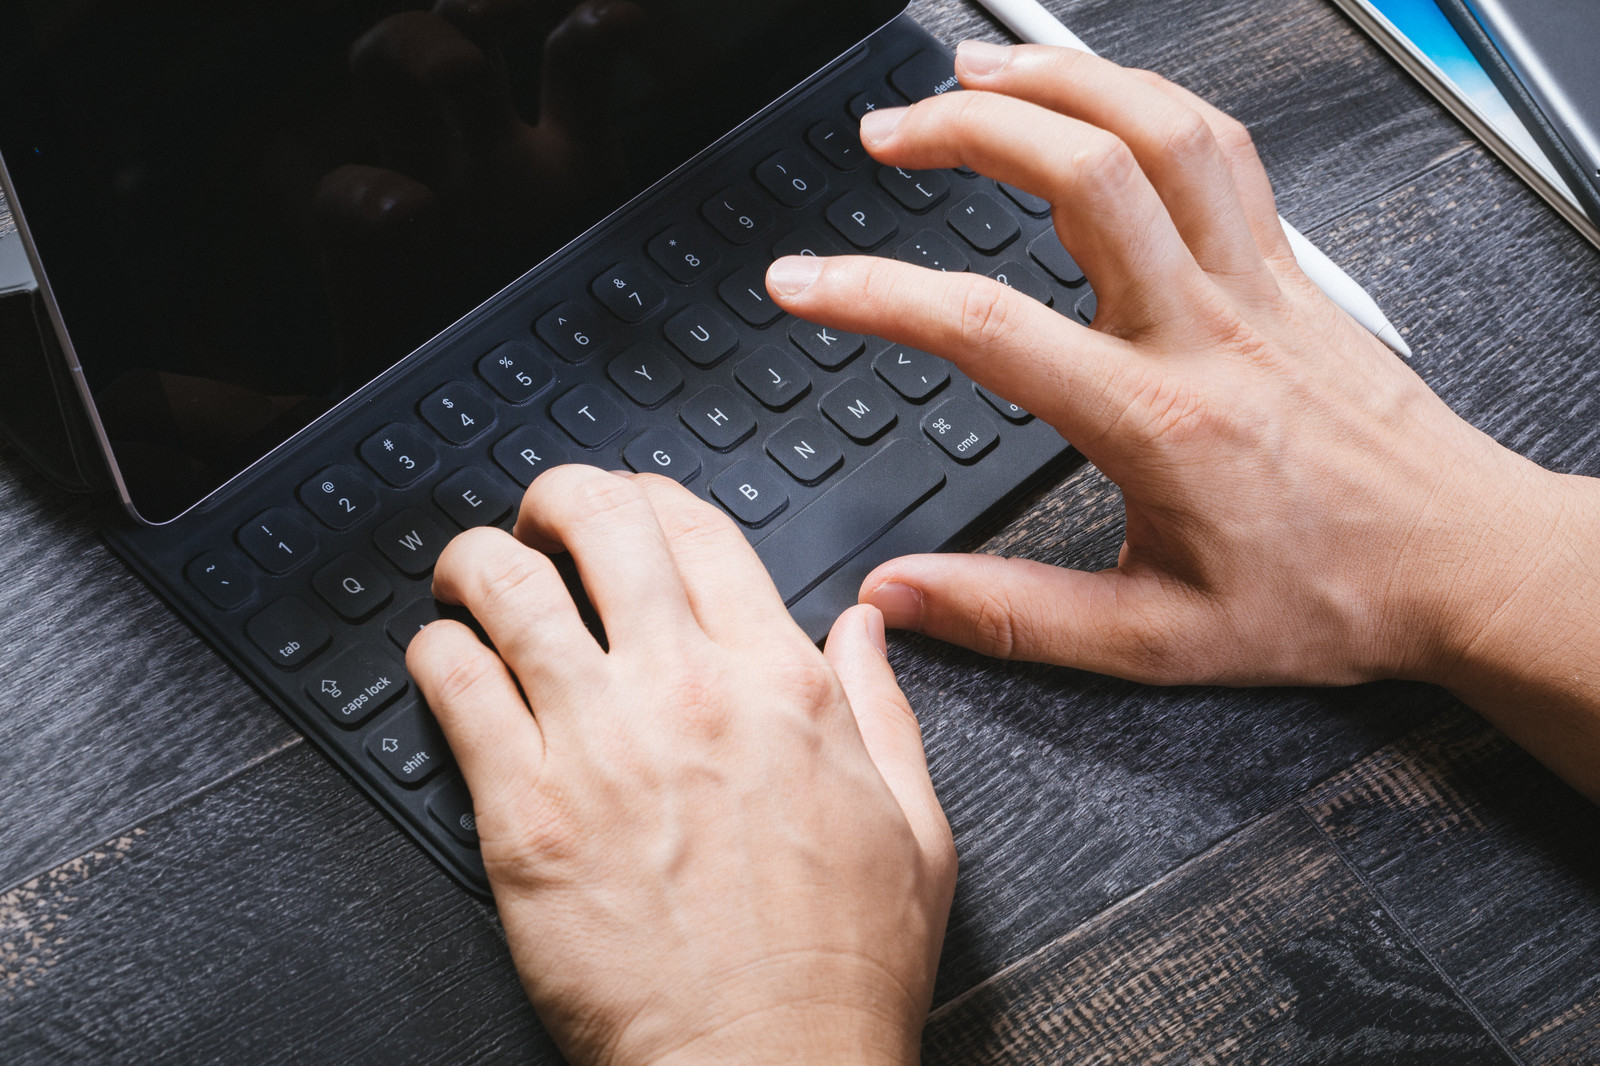 iPad用キーボード購入時のポイントとタイプ別おすすめ